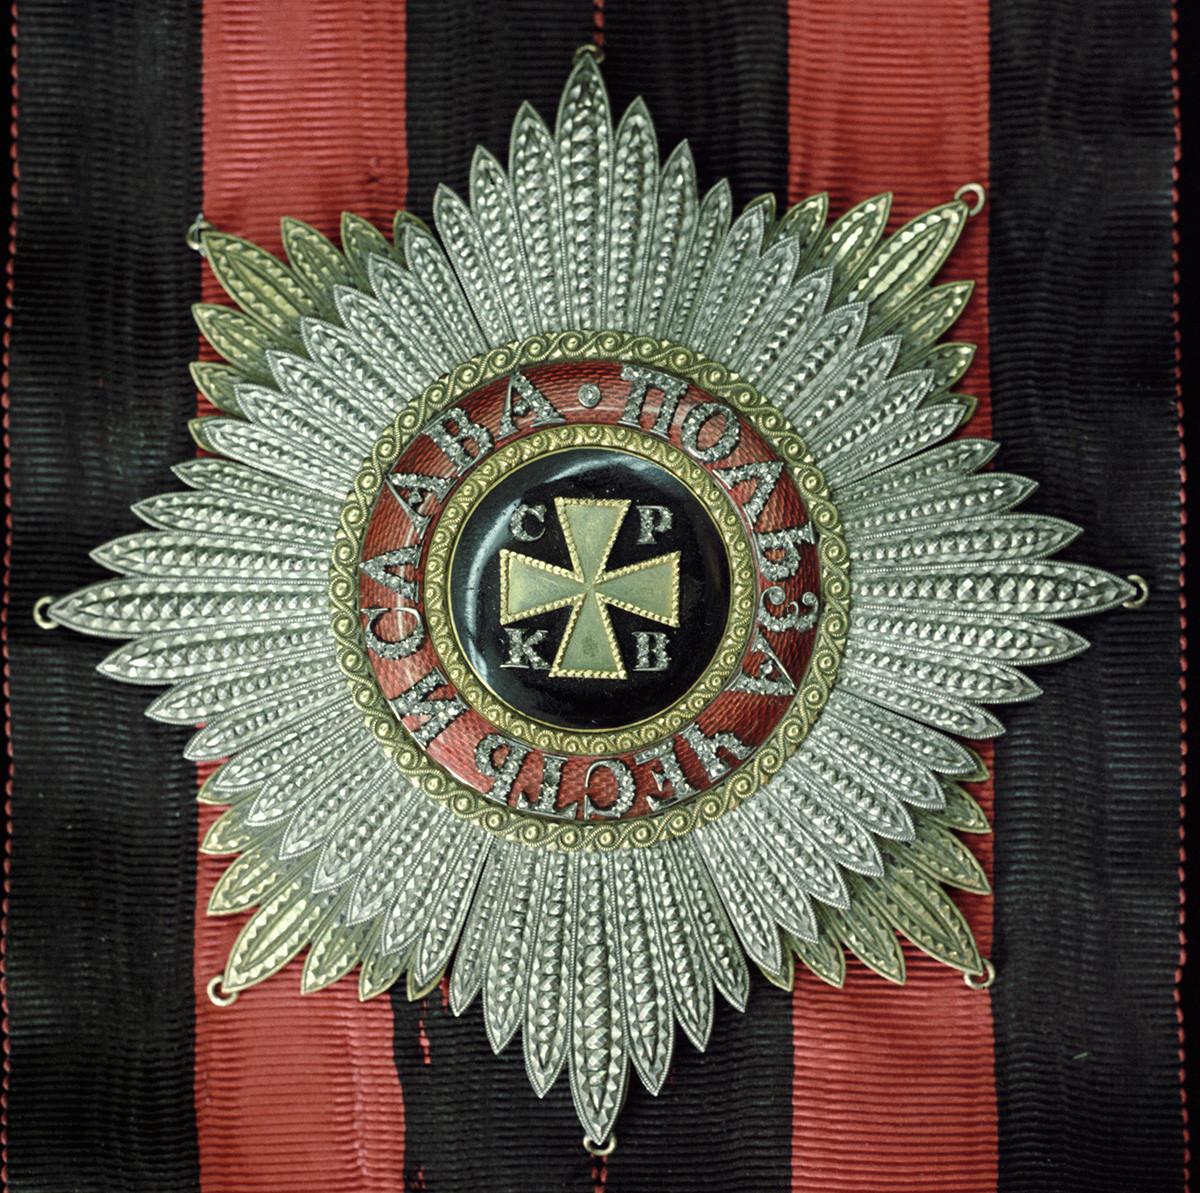 Звезда Ордена светог Владимира првог степена из ризнице Државног историјског музеја.